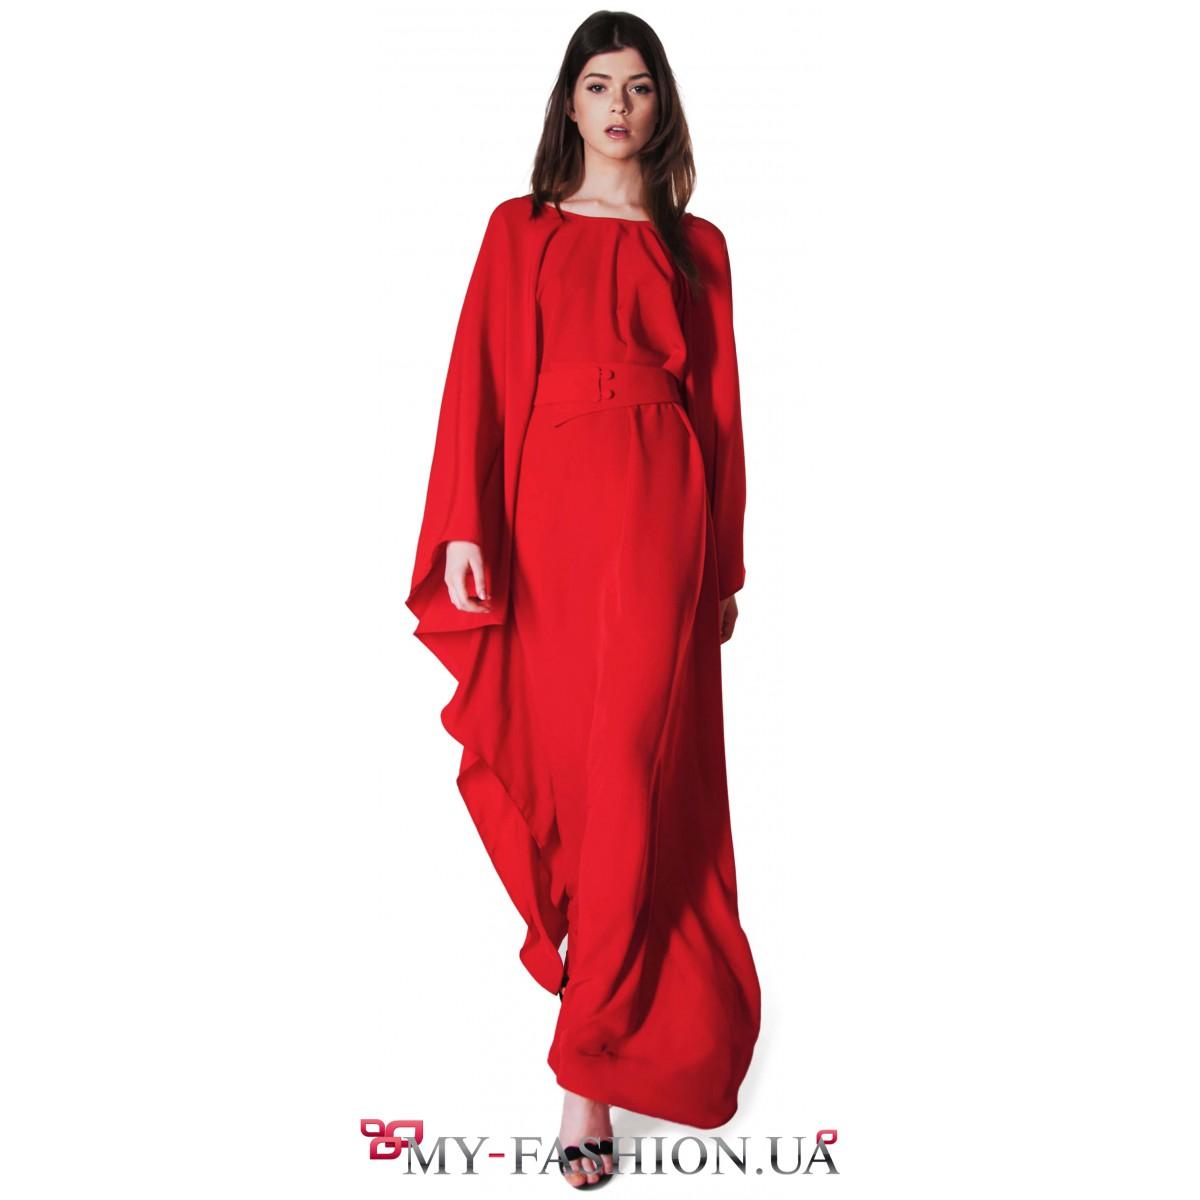 f4e60b95d9f Длинное вечернее платье необычного кроя купить в интернет магазине в ...